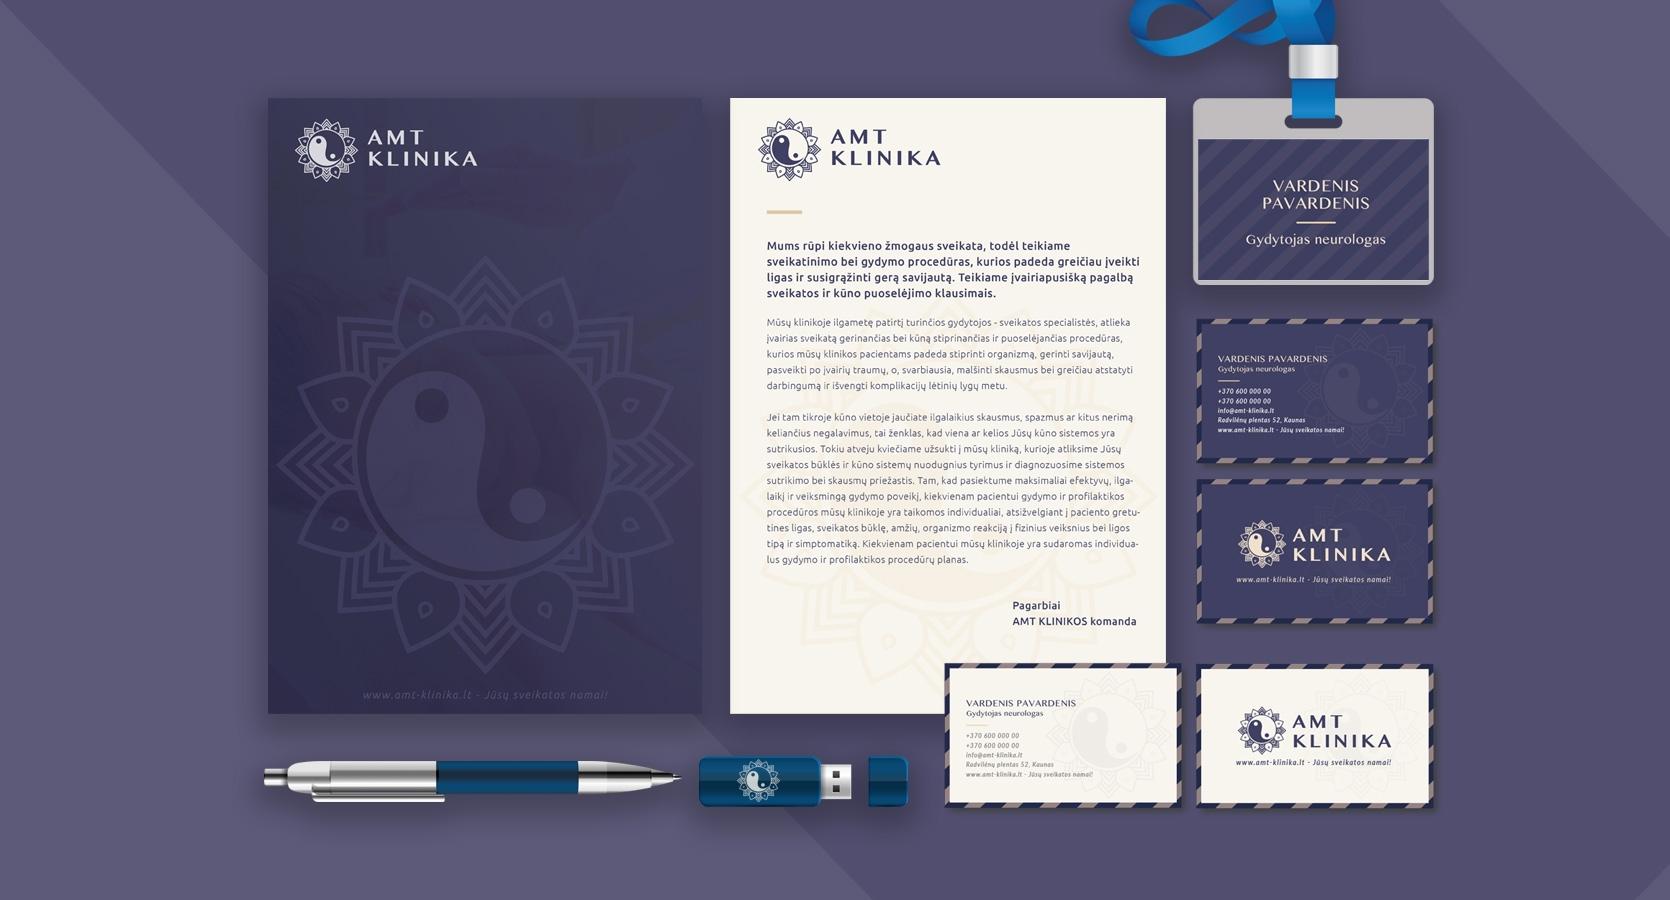 Strateginės rinkodaros paslaugos. Skaitmeninės rinkodaros paslaugos: internetinių tinklalapių kūrimas, logotipų kūrimas, firminio stiliaus kūrimas - PIXELART.LT